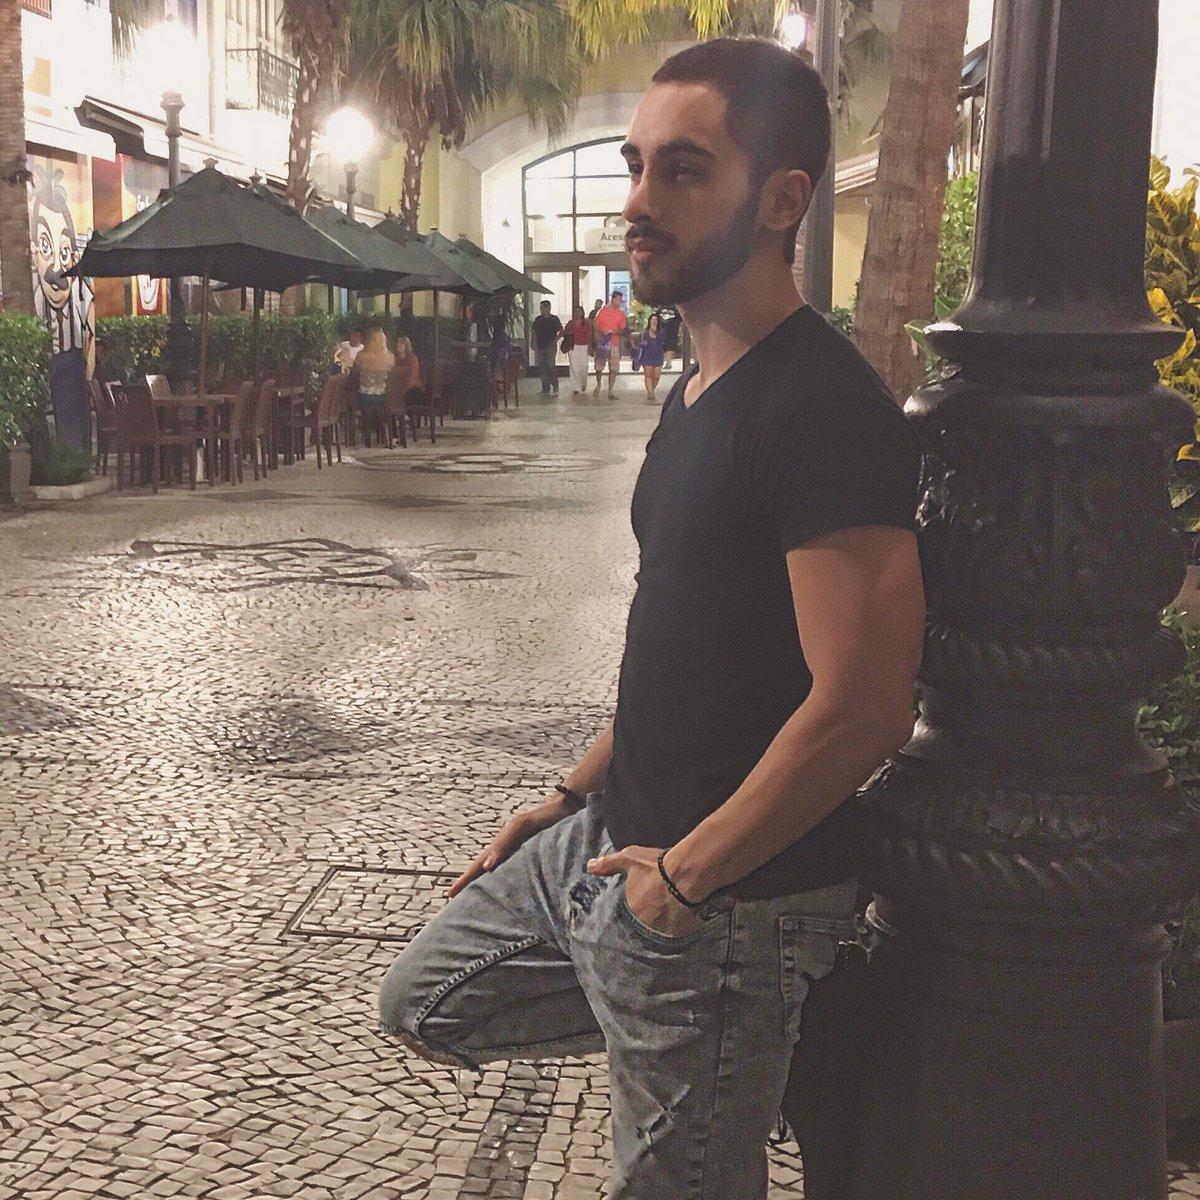 """Melim on Twitter: """"Confira agora a entrevista exclusiva que demos para a Revista Arte Brasileira. Super bacana. https://t.co/uHW9Nyzkrh ..."""